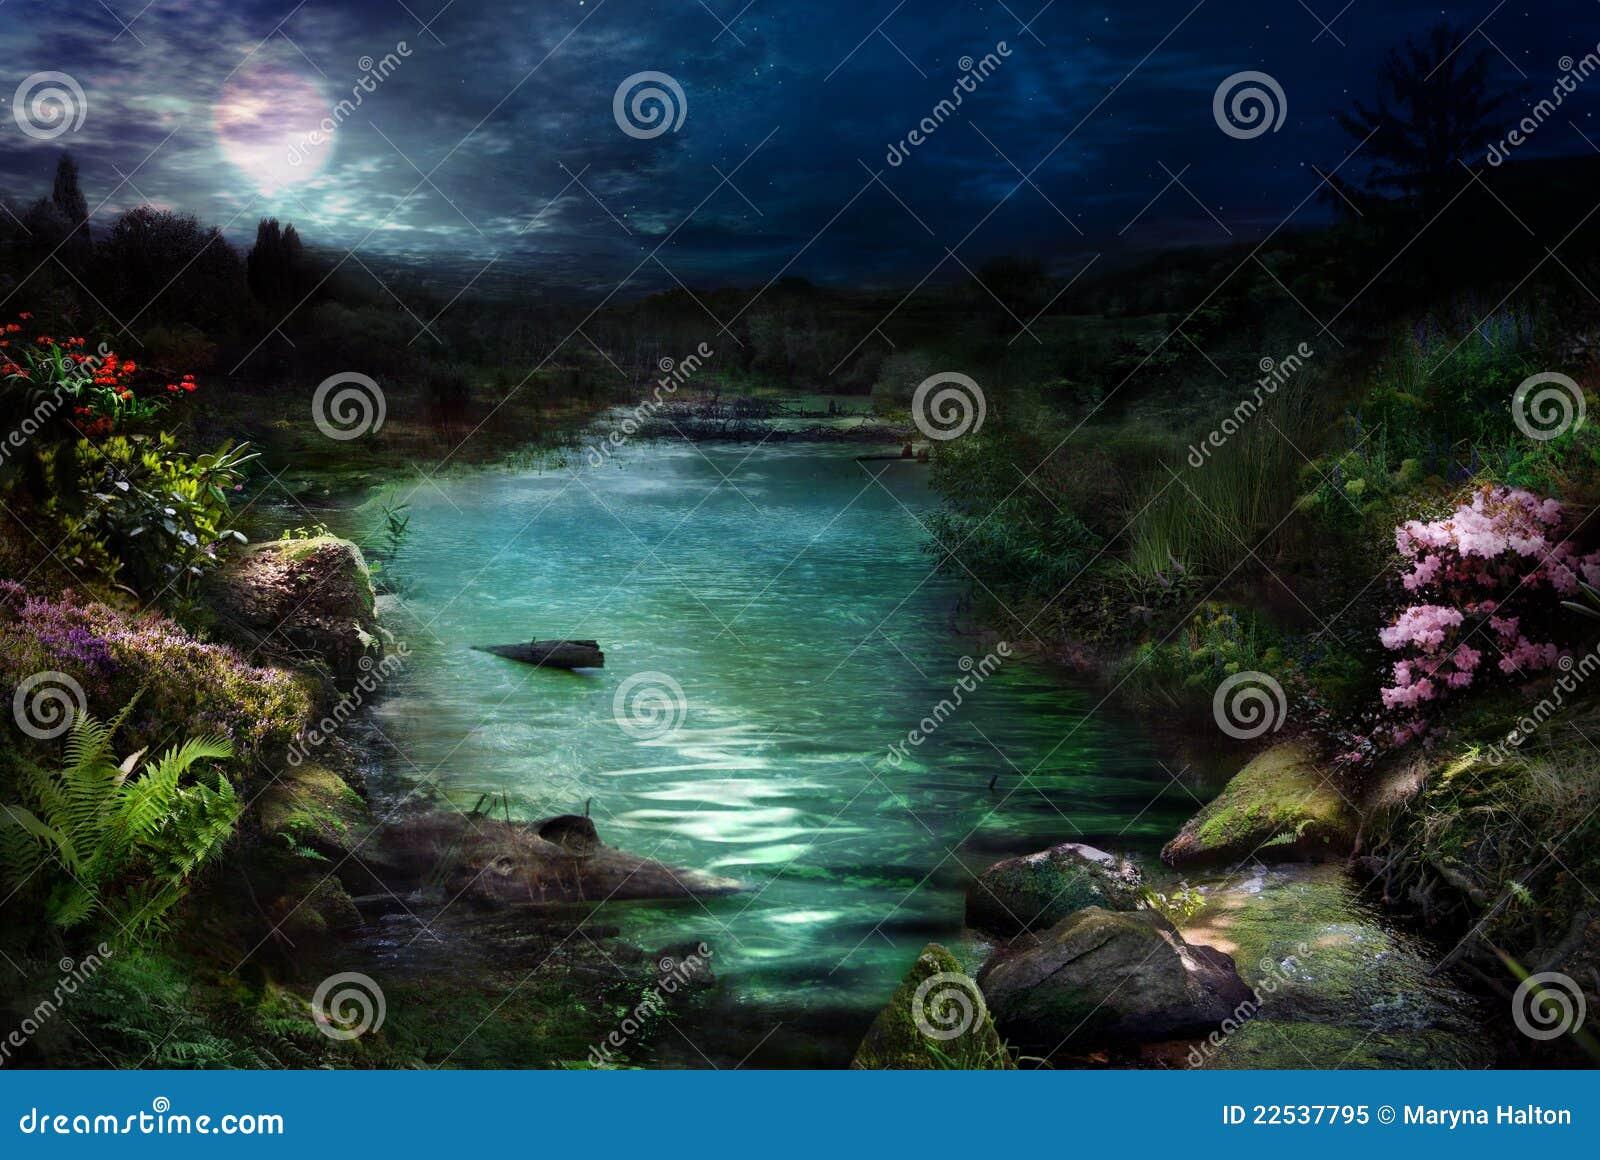 魔术晚上河